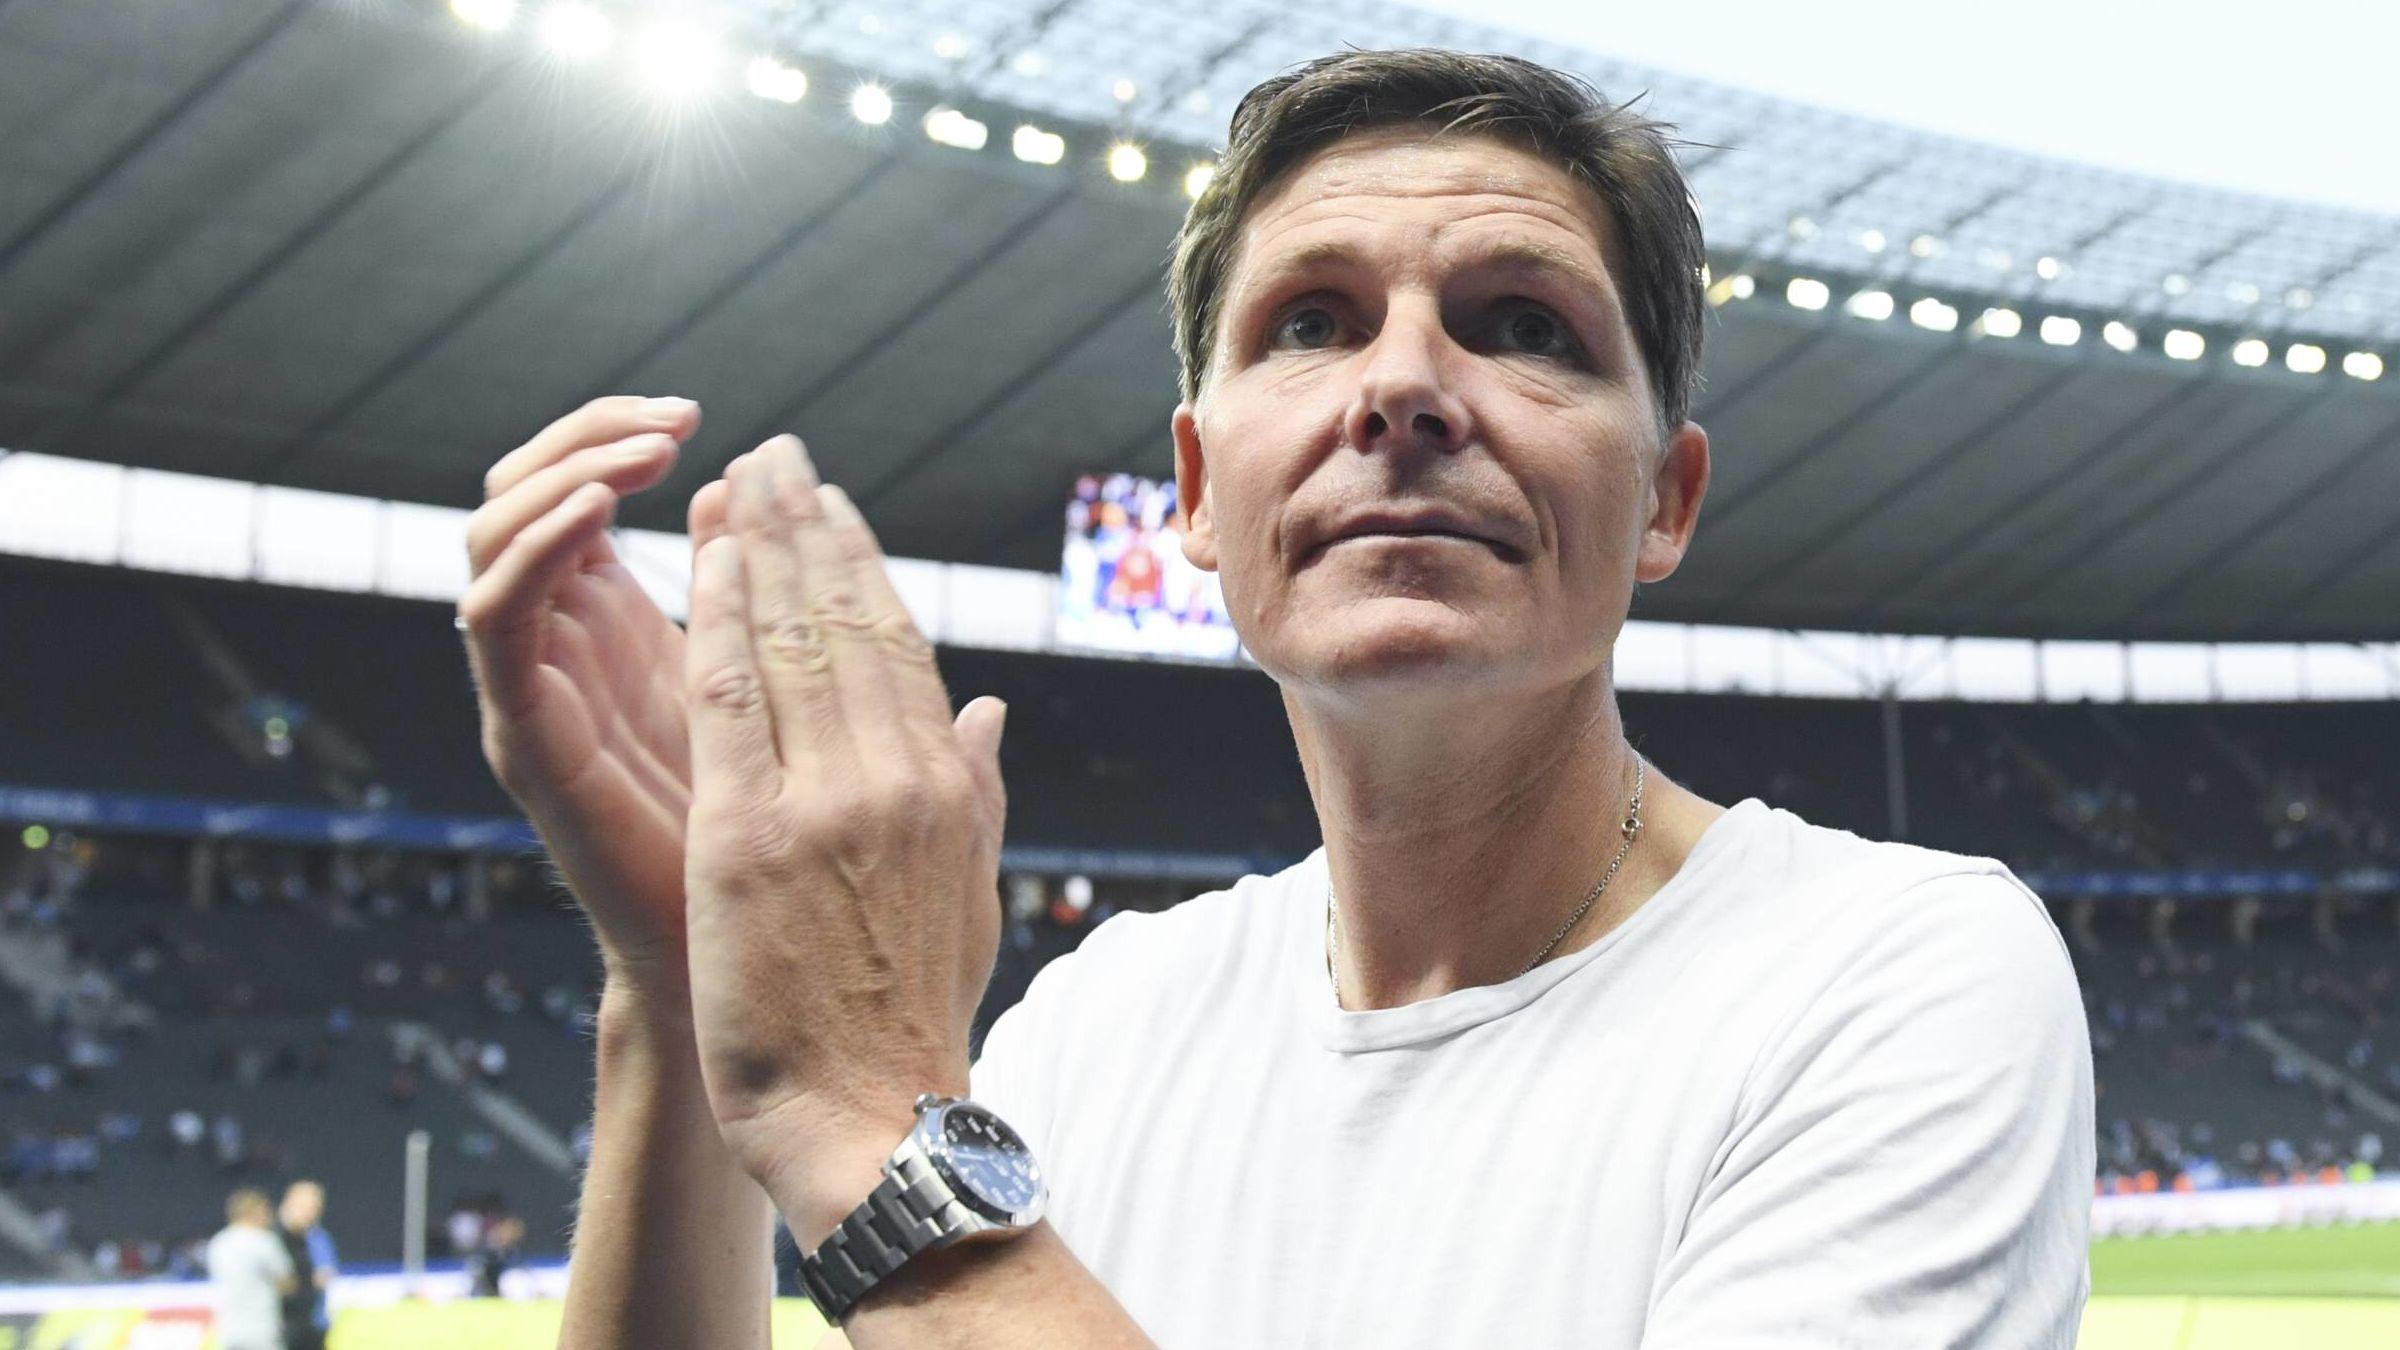 Rekord? Glasner ist's egal - Der VfL Wolfsburg und ein möglicher Traumstart